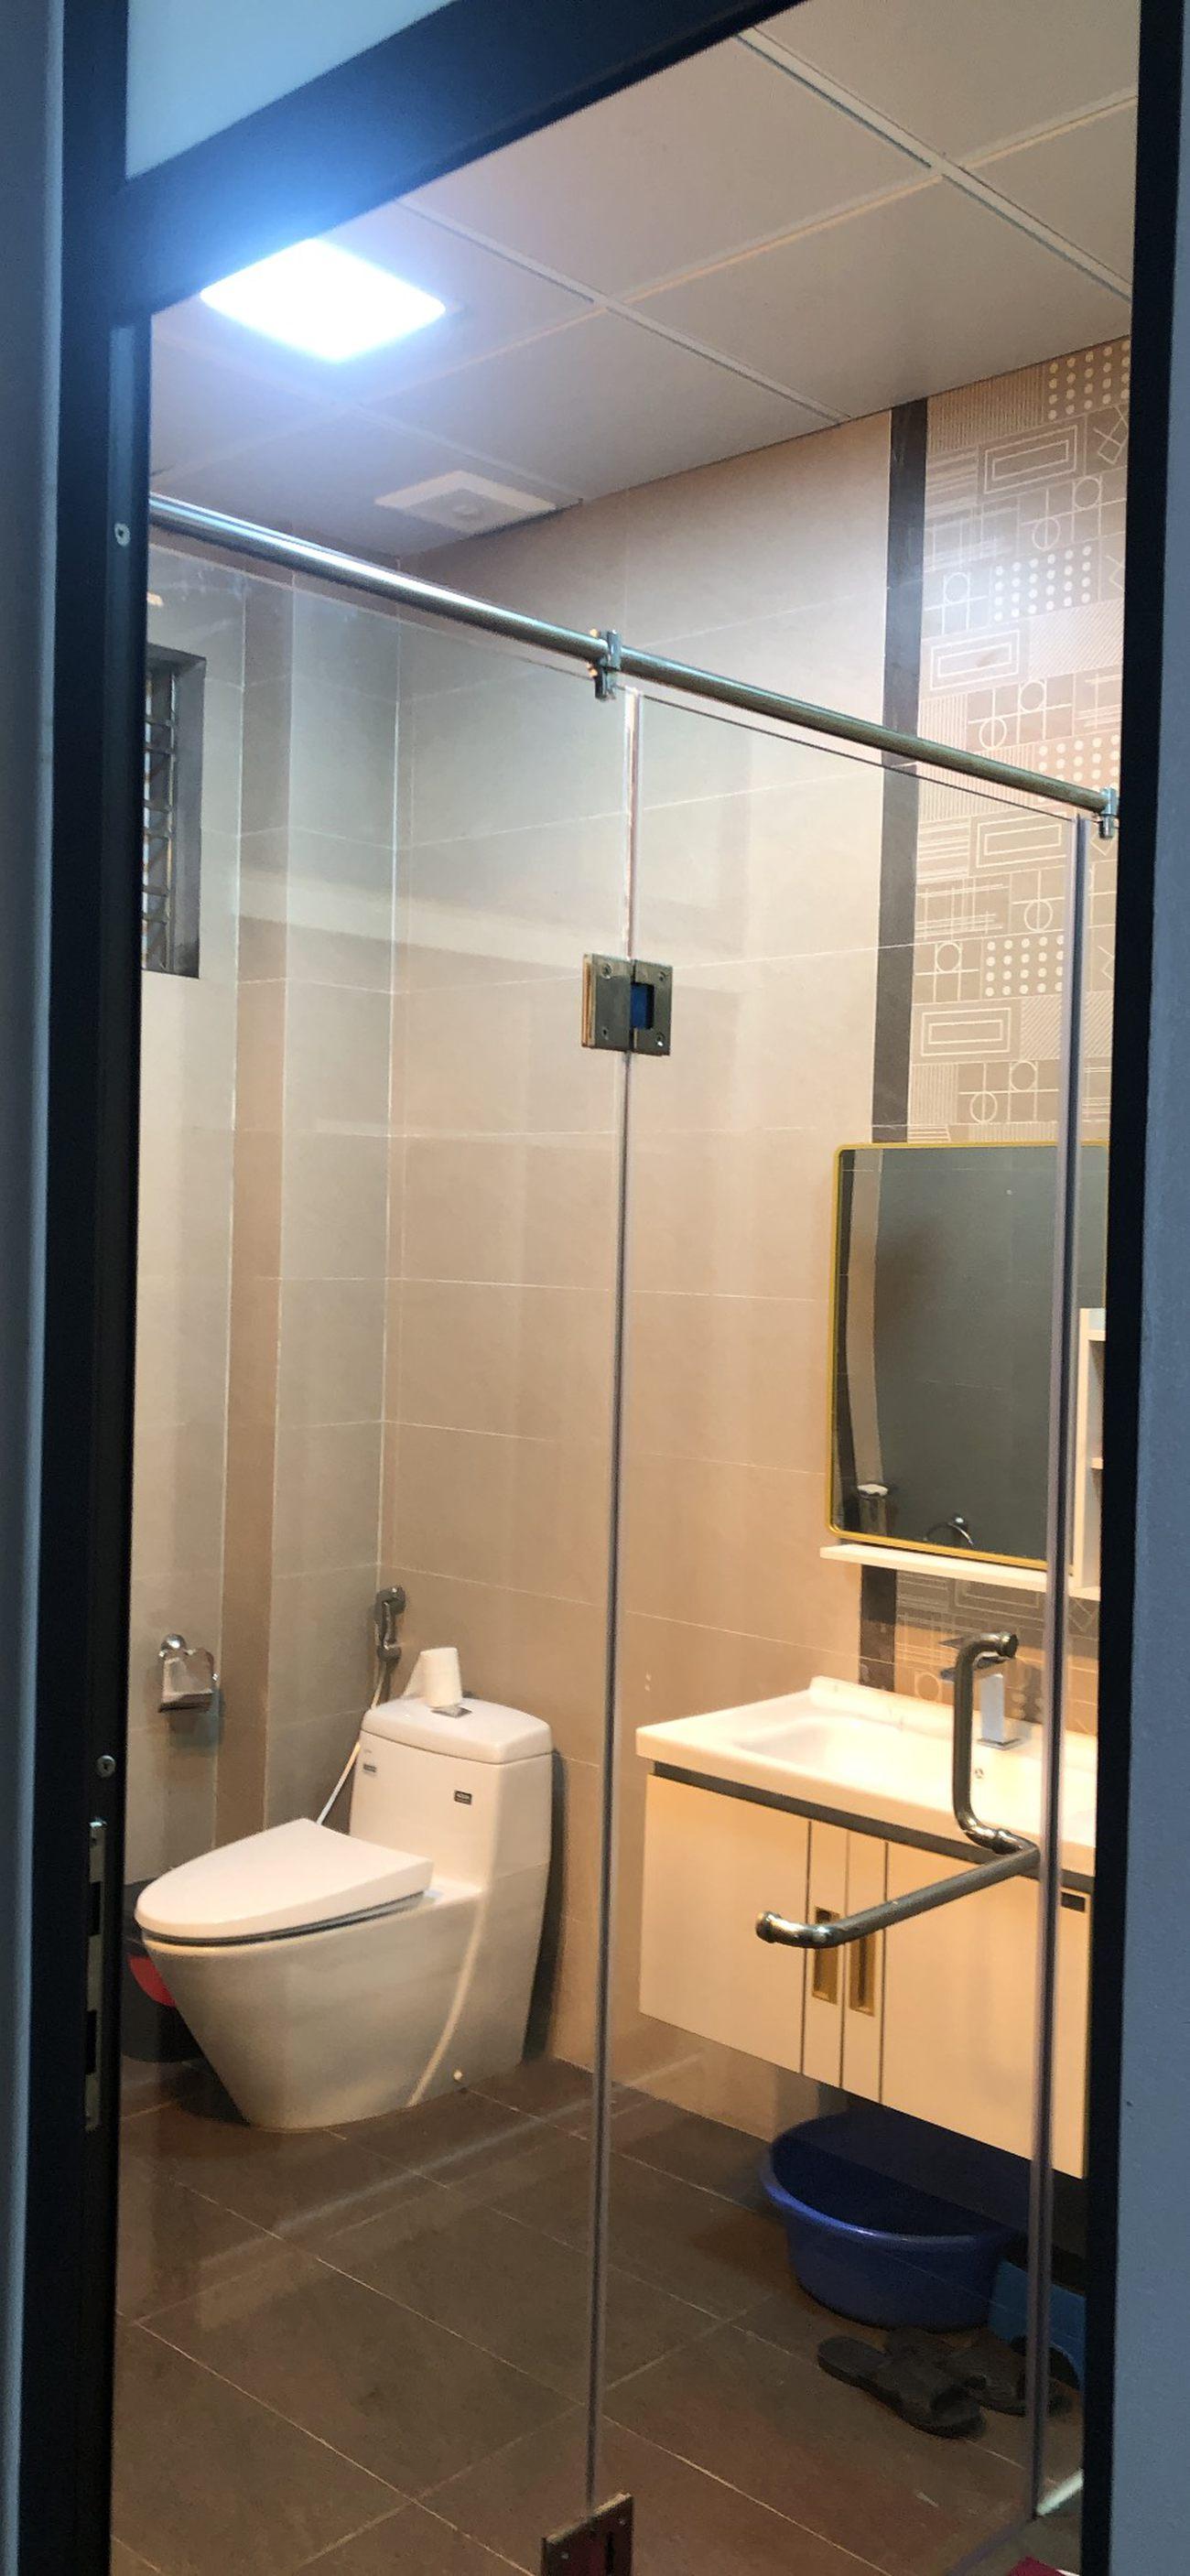 ho-mshangs-house-in-quang-ninh-bathroomjpg-1629794651.jpg